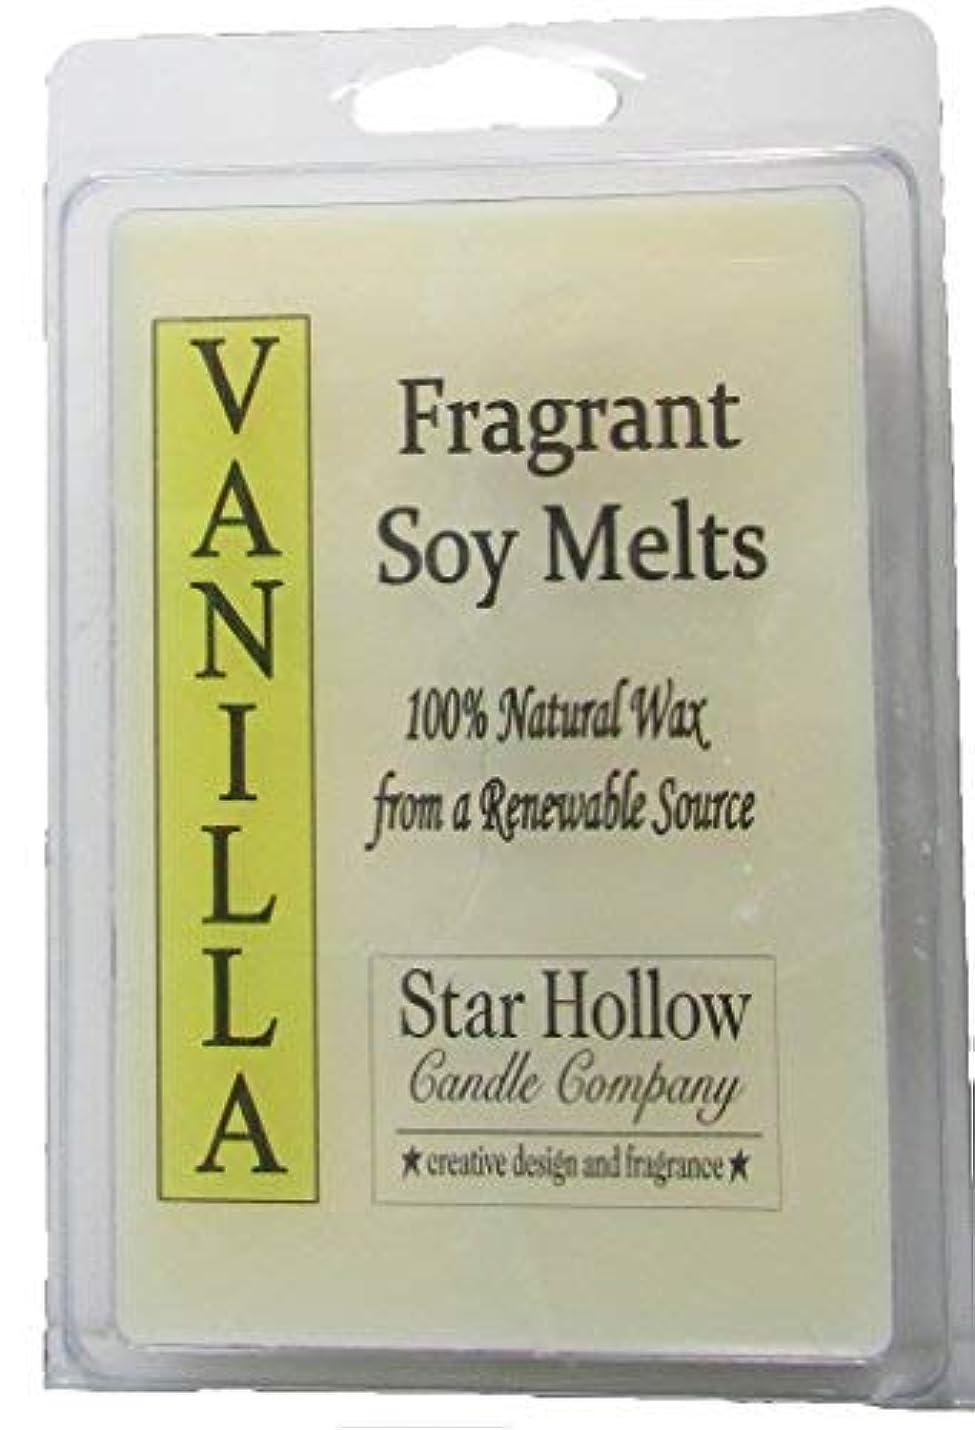 予知食堂代理人Star Hollow Candle Co Vanilla Soy Melts 6 oz [並行輸入品]